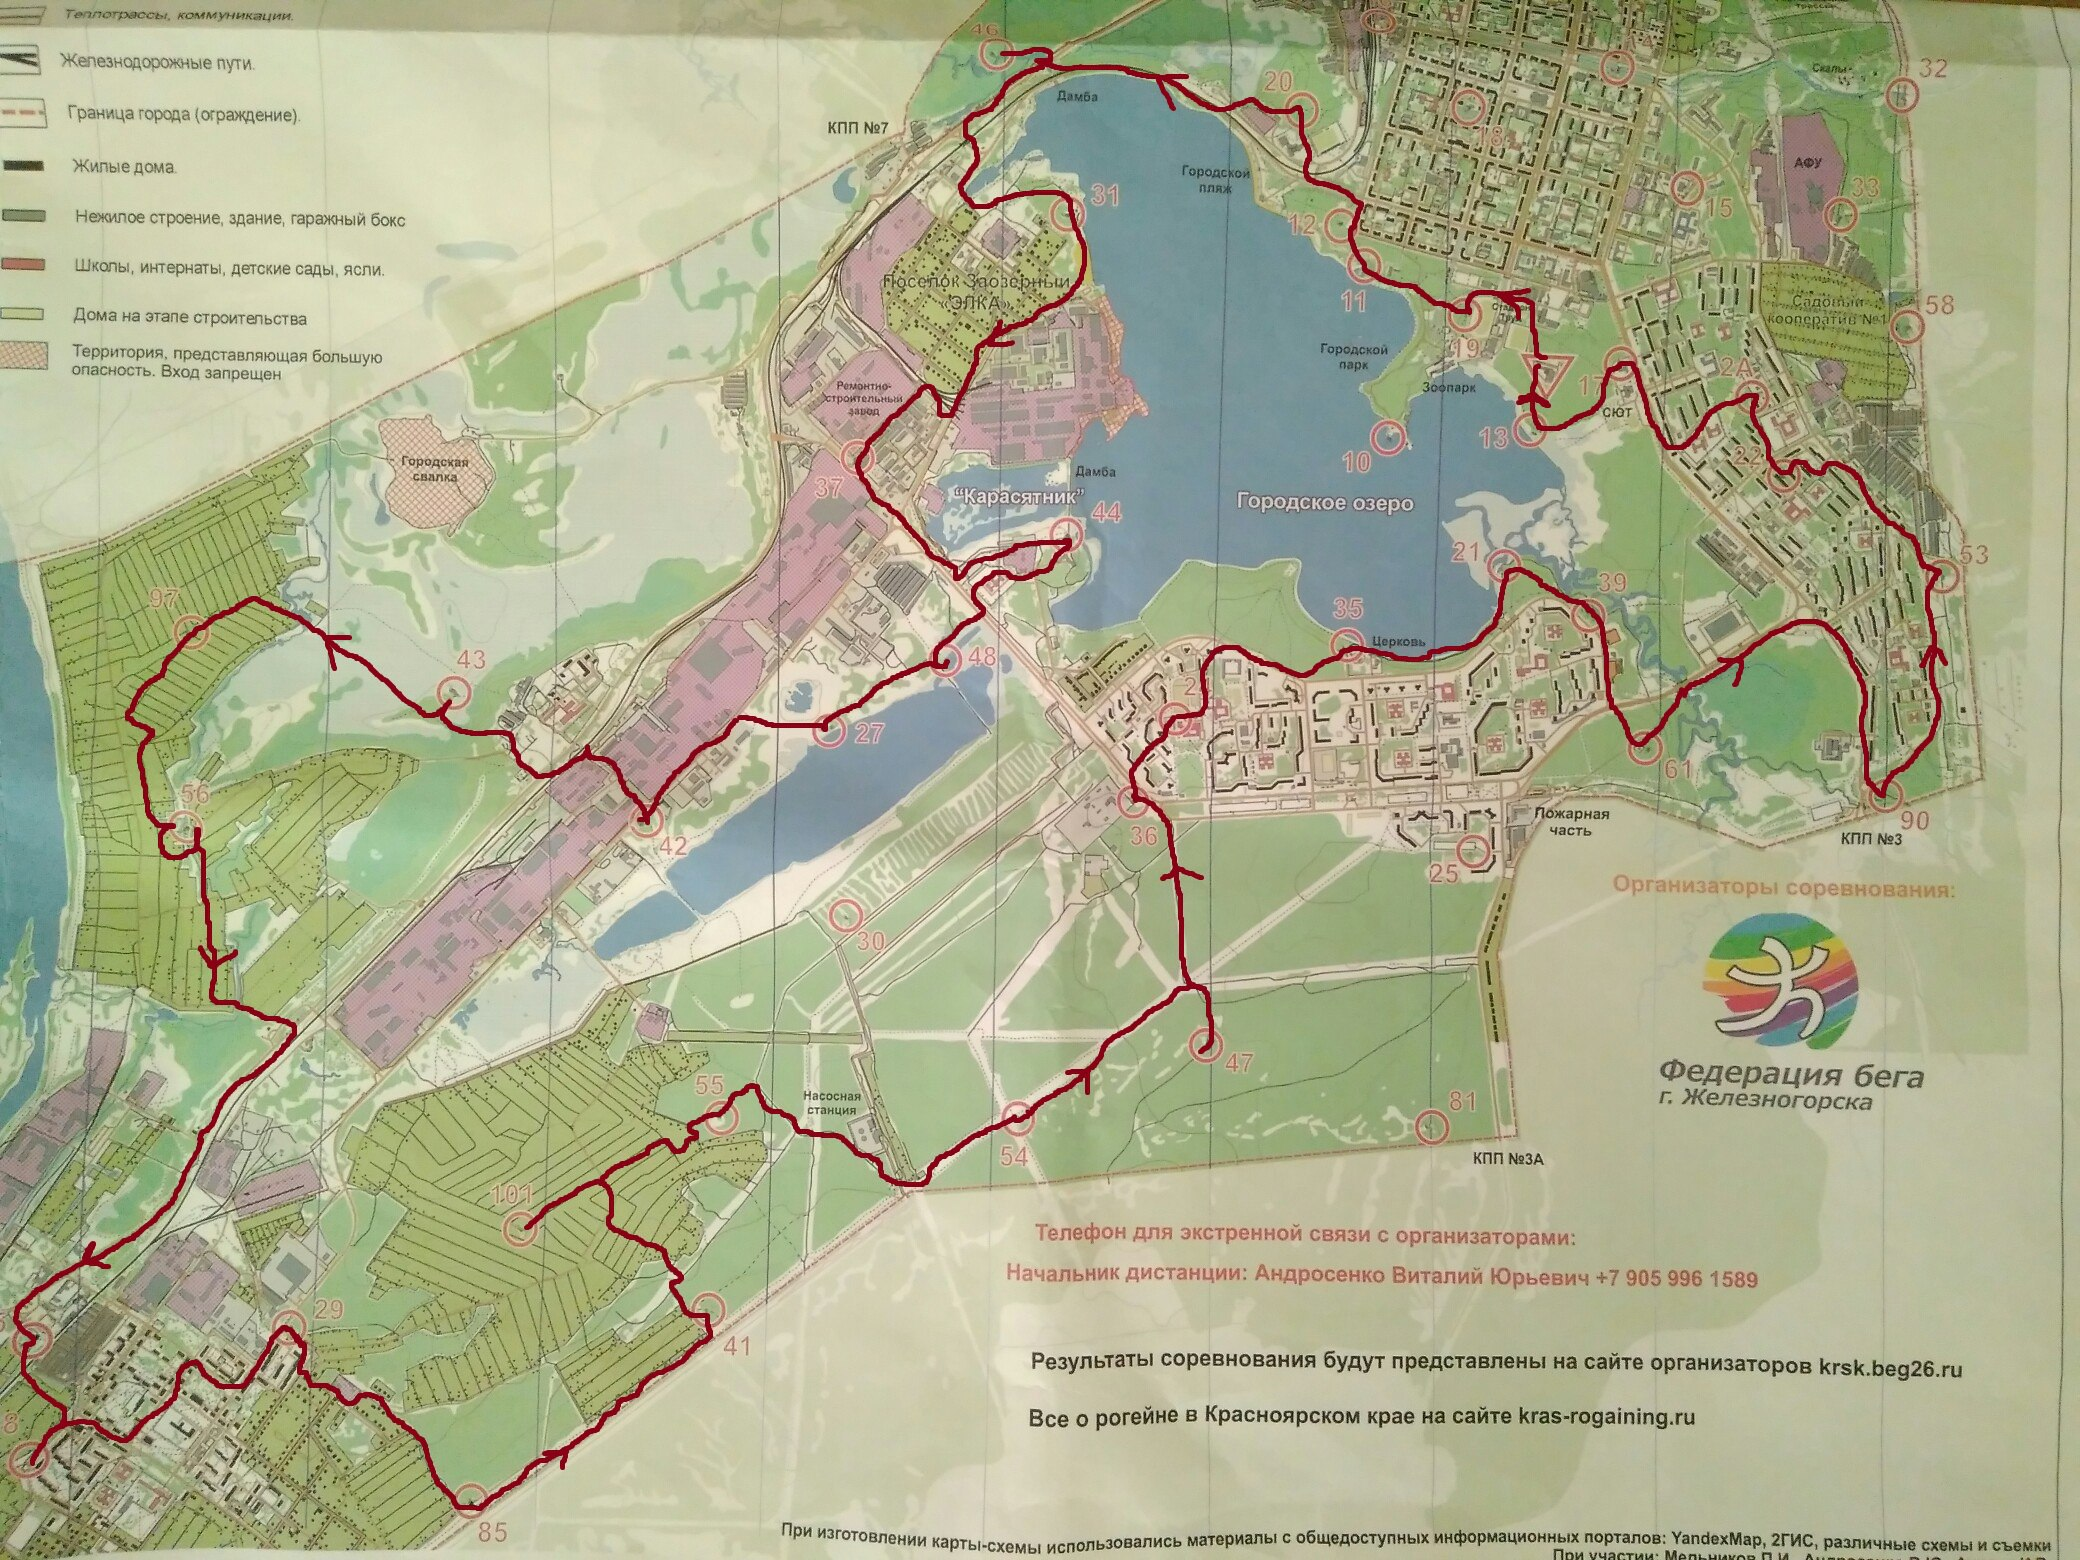 карта и наш путь на рогейне в Железногорске